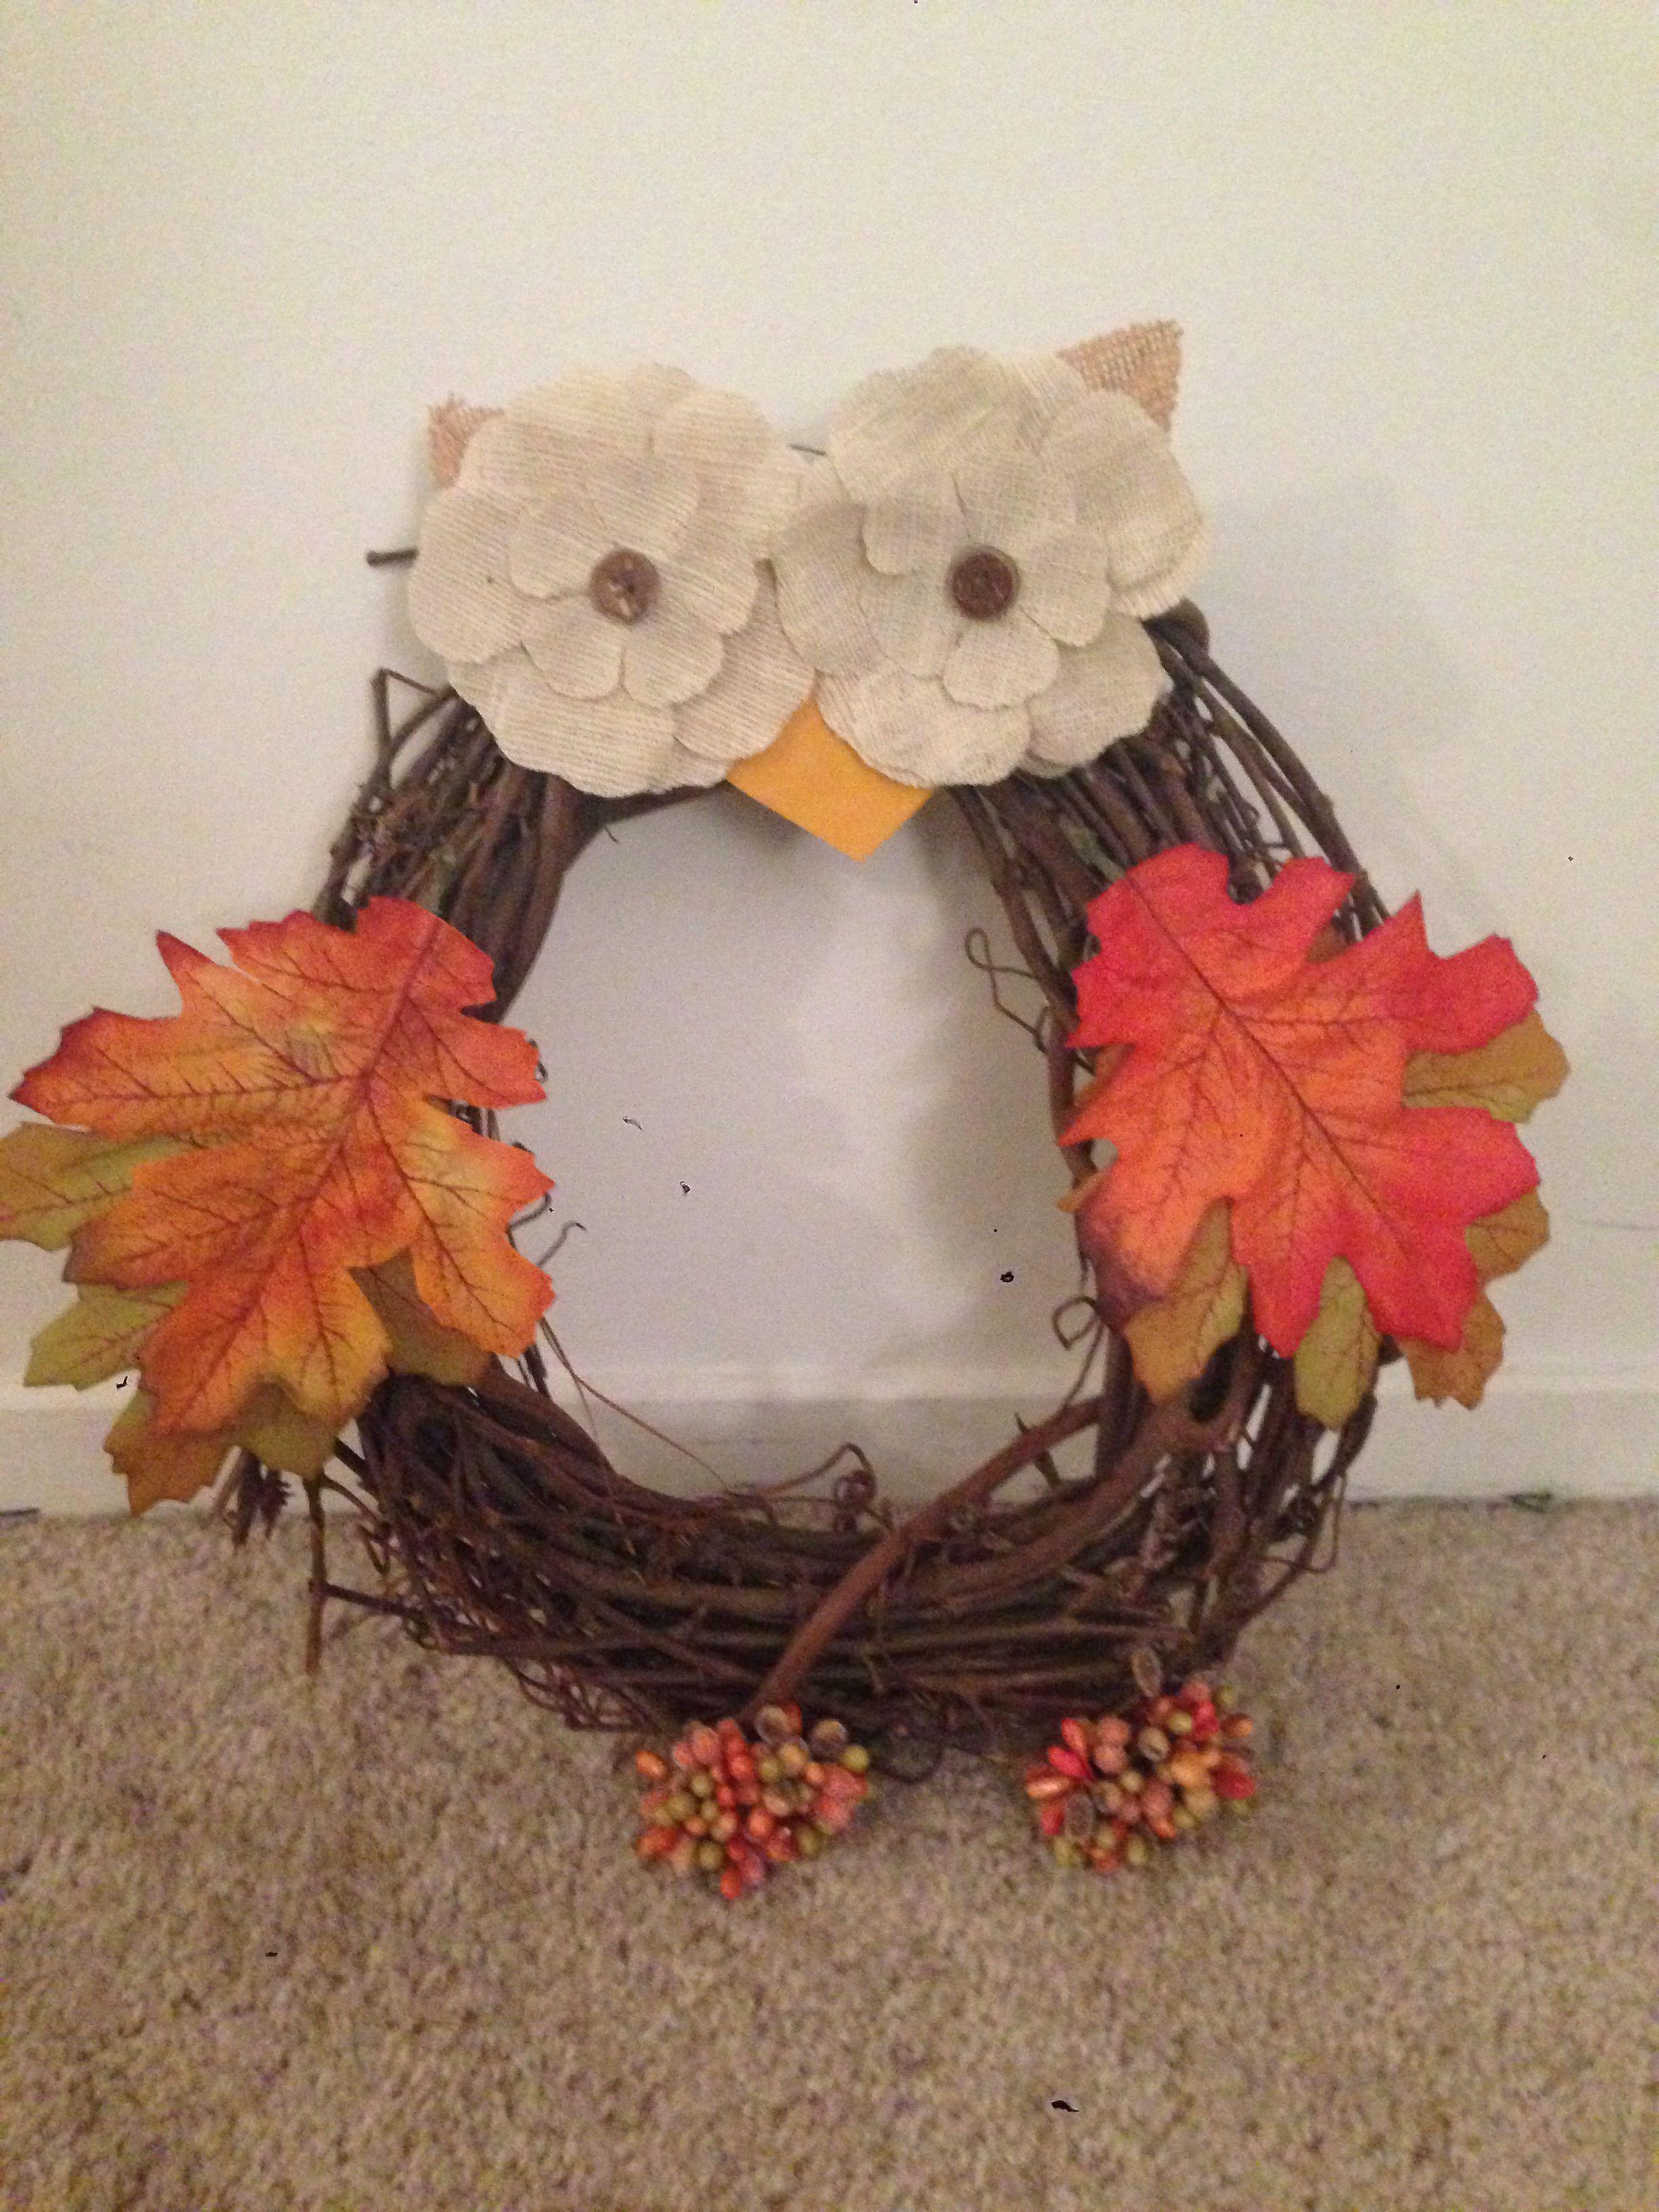 Diy Owl Wreath Super Easy And Fun Project #Diy #Fallcrafts